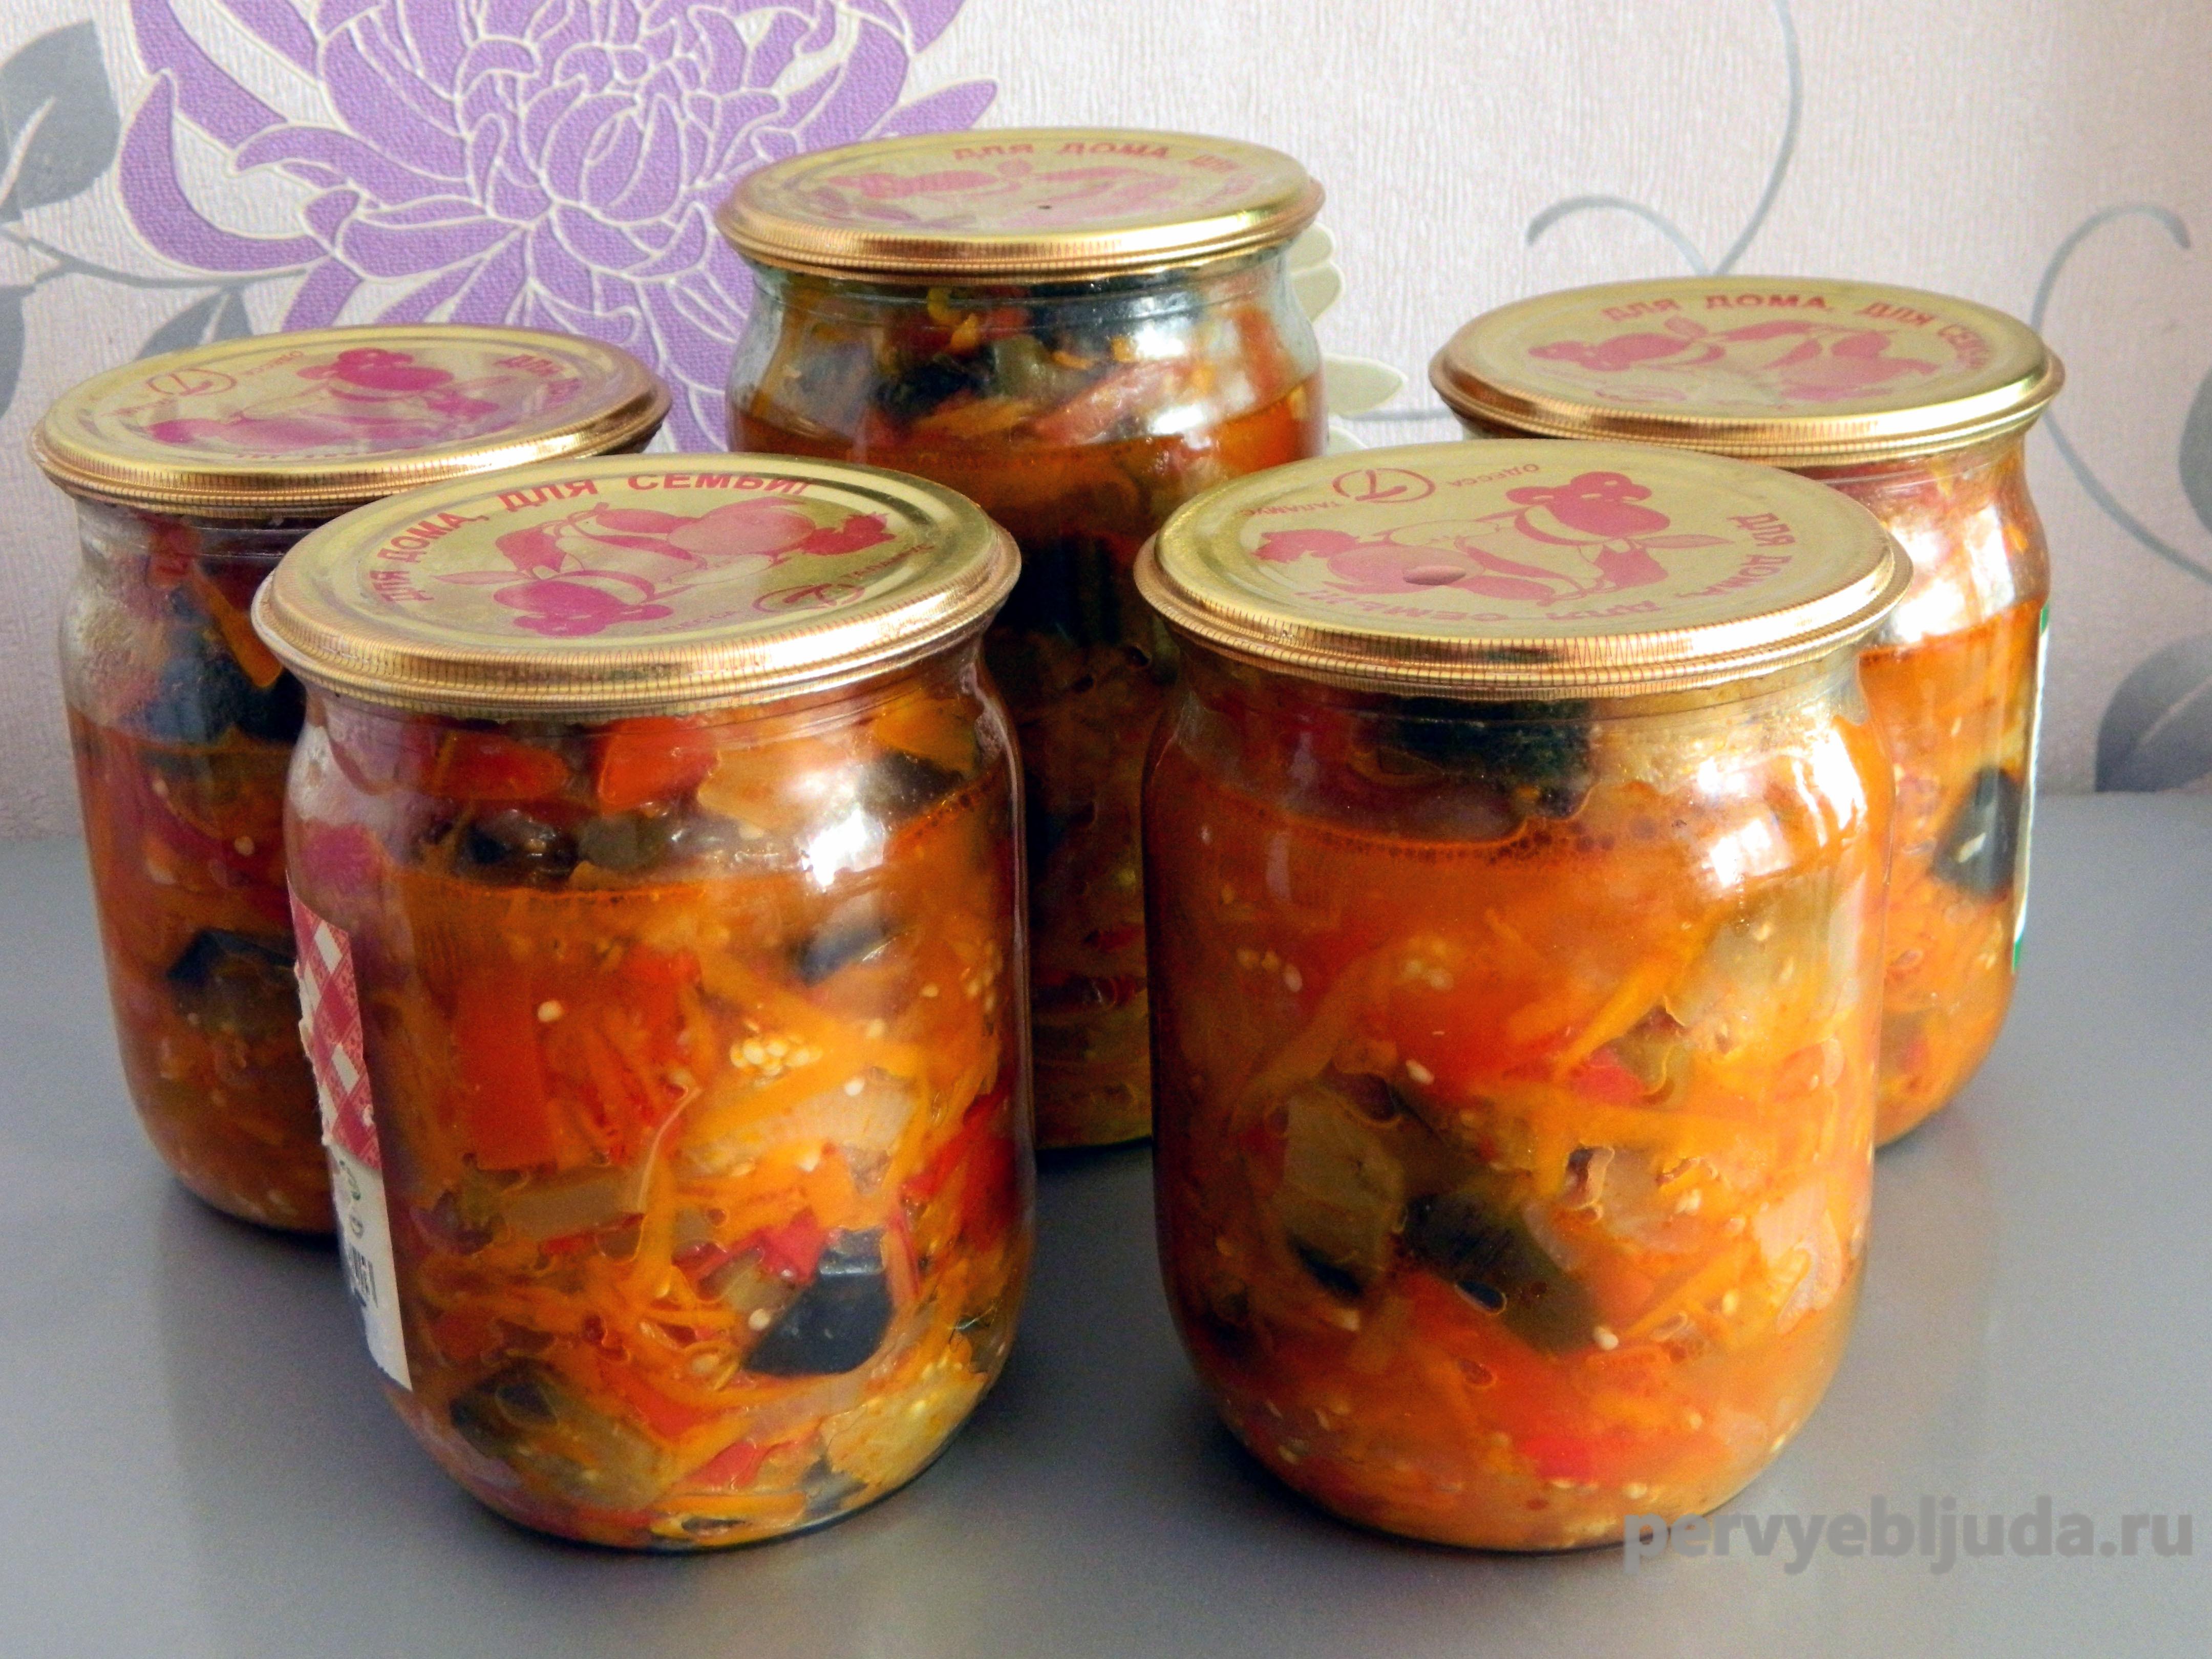 Салат из баклажан на зиму «Ассорти»: пошаговый рецепт с фото